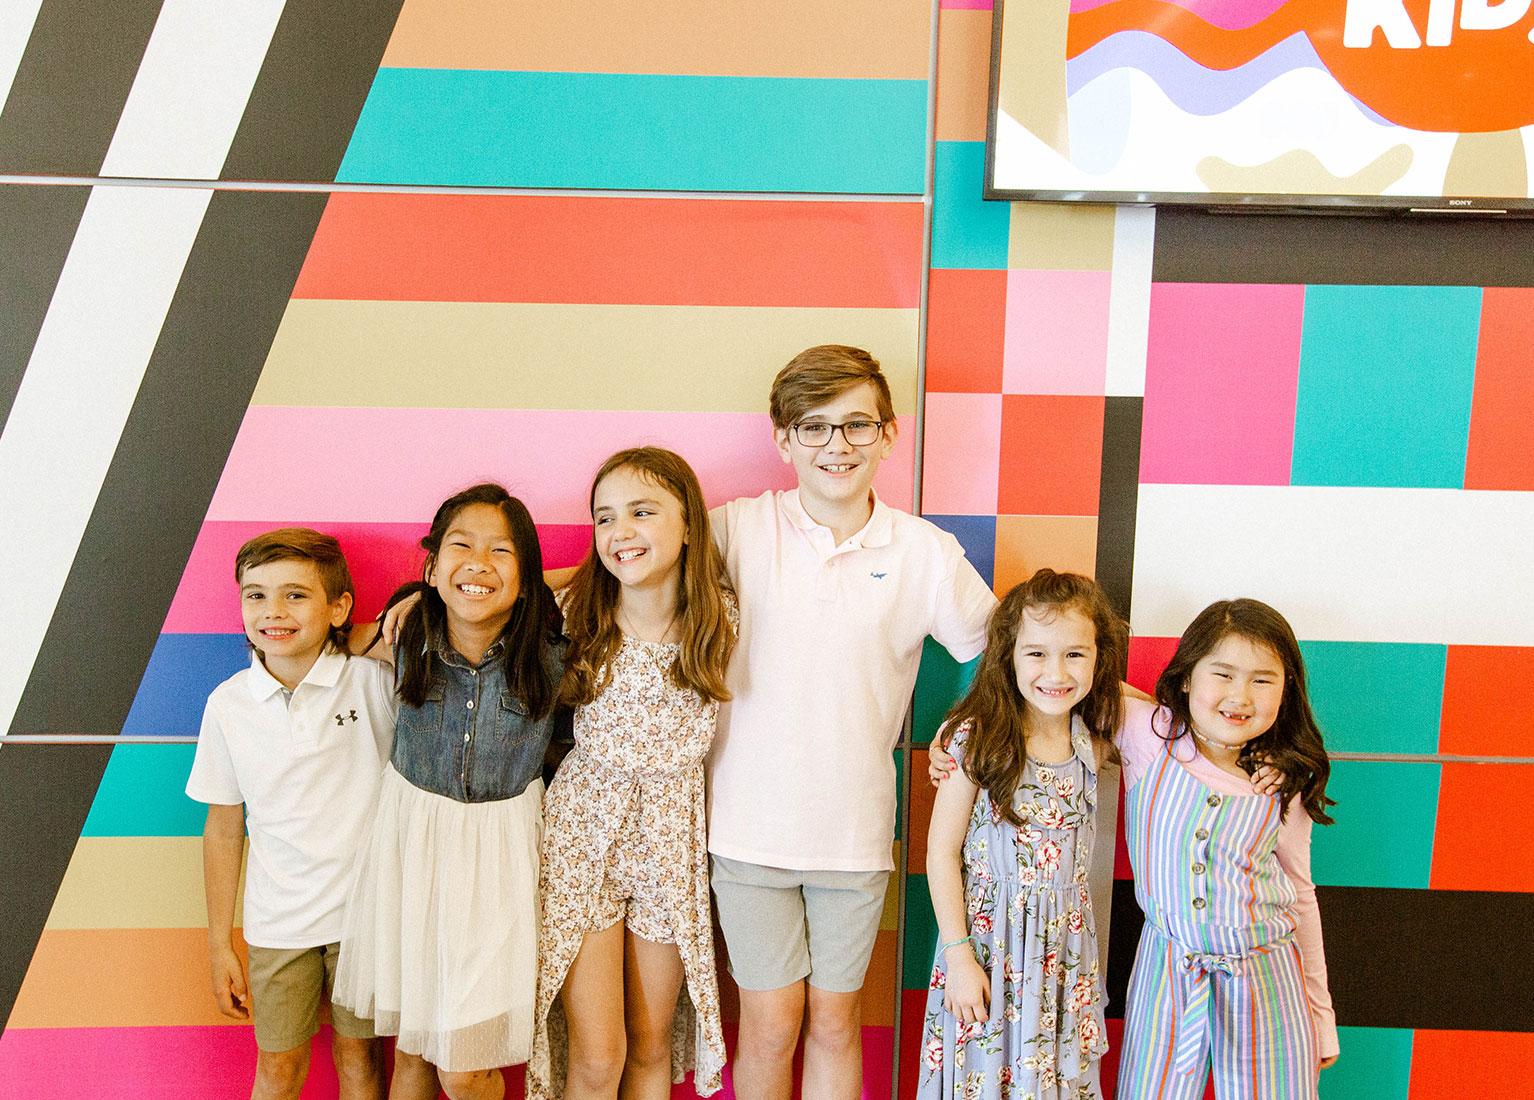 Group of kids having fun